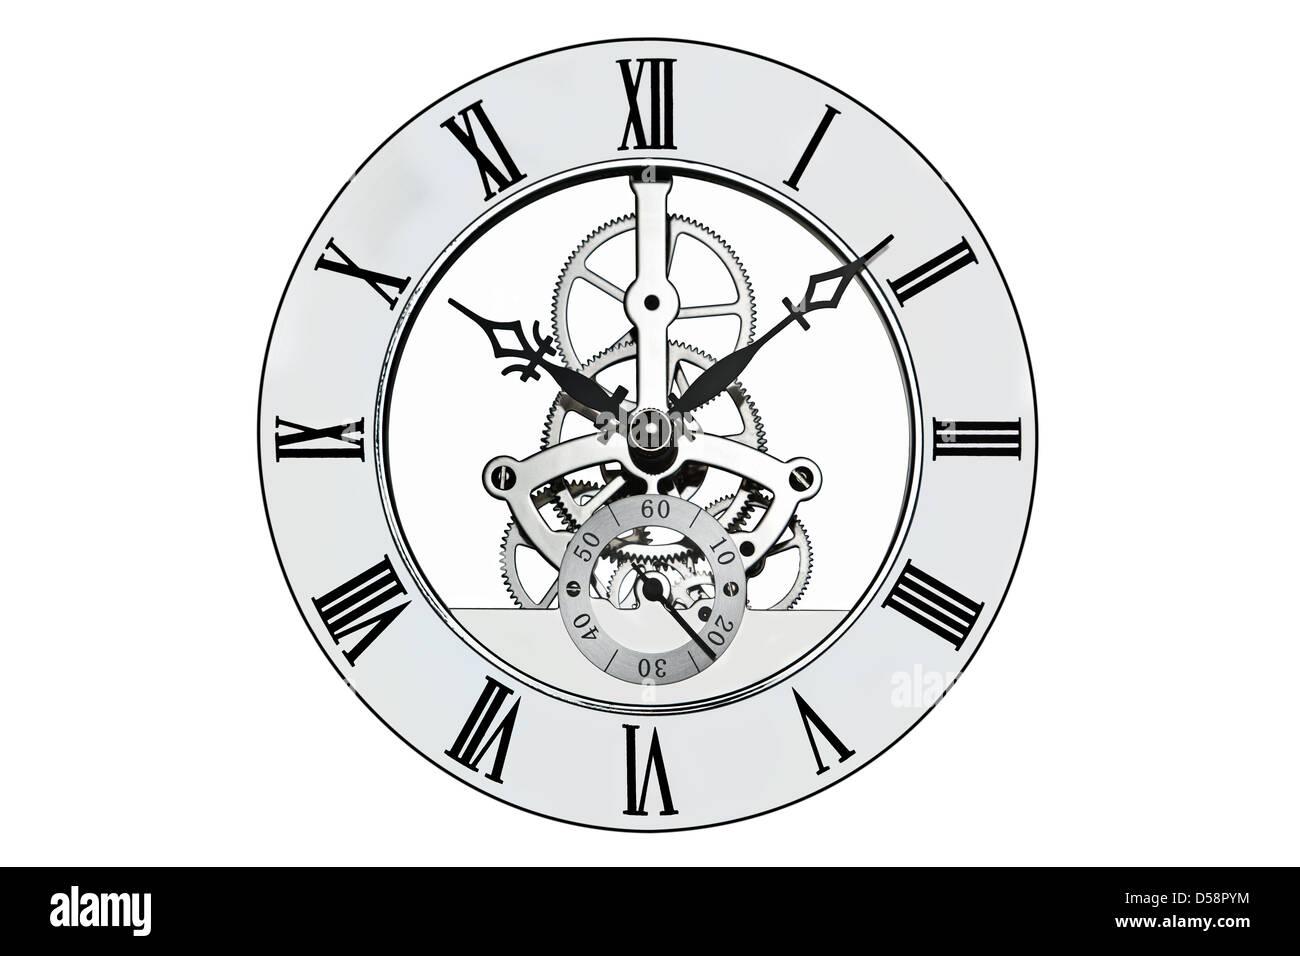 El esqueleto del reloj con números romanos aislado sobre un fondo blanco. Trazado de recorte previsto por la Imagen De Stock